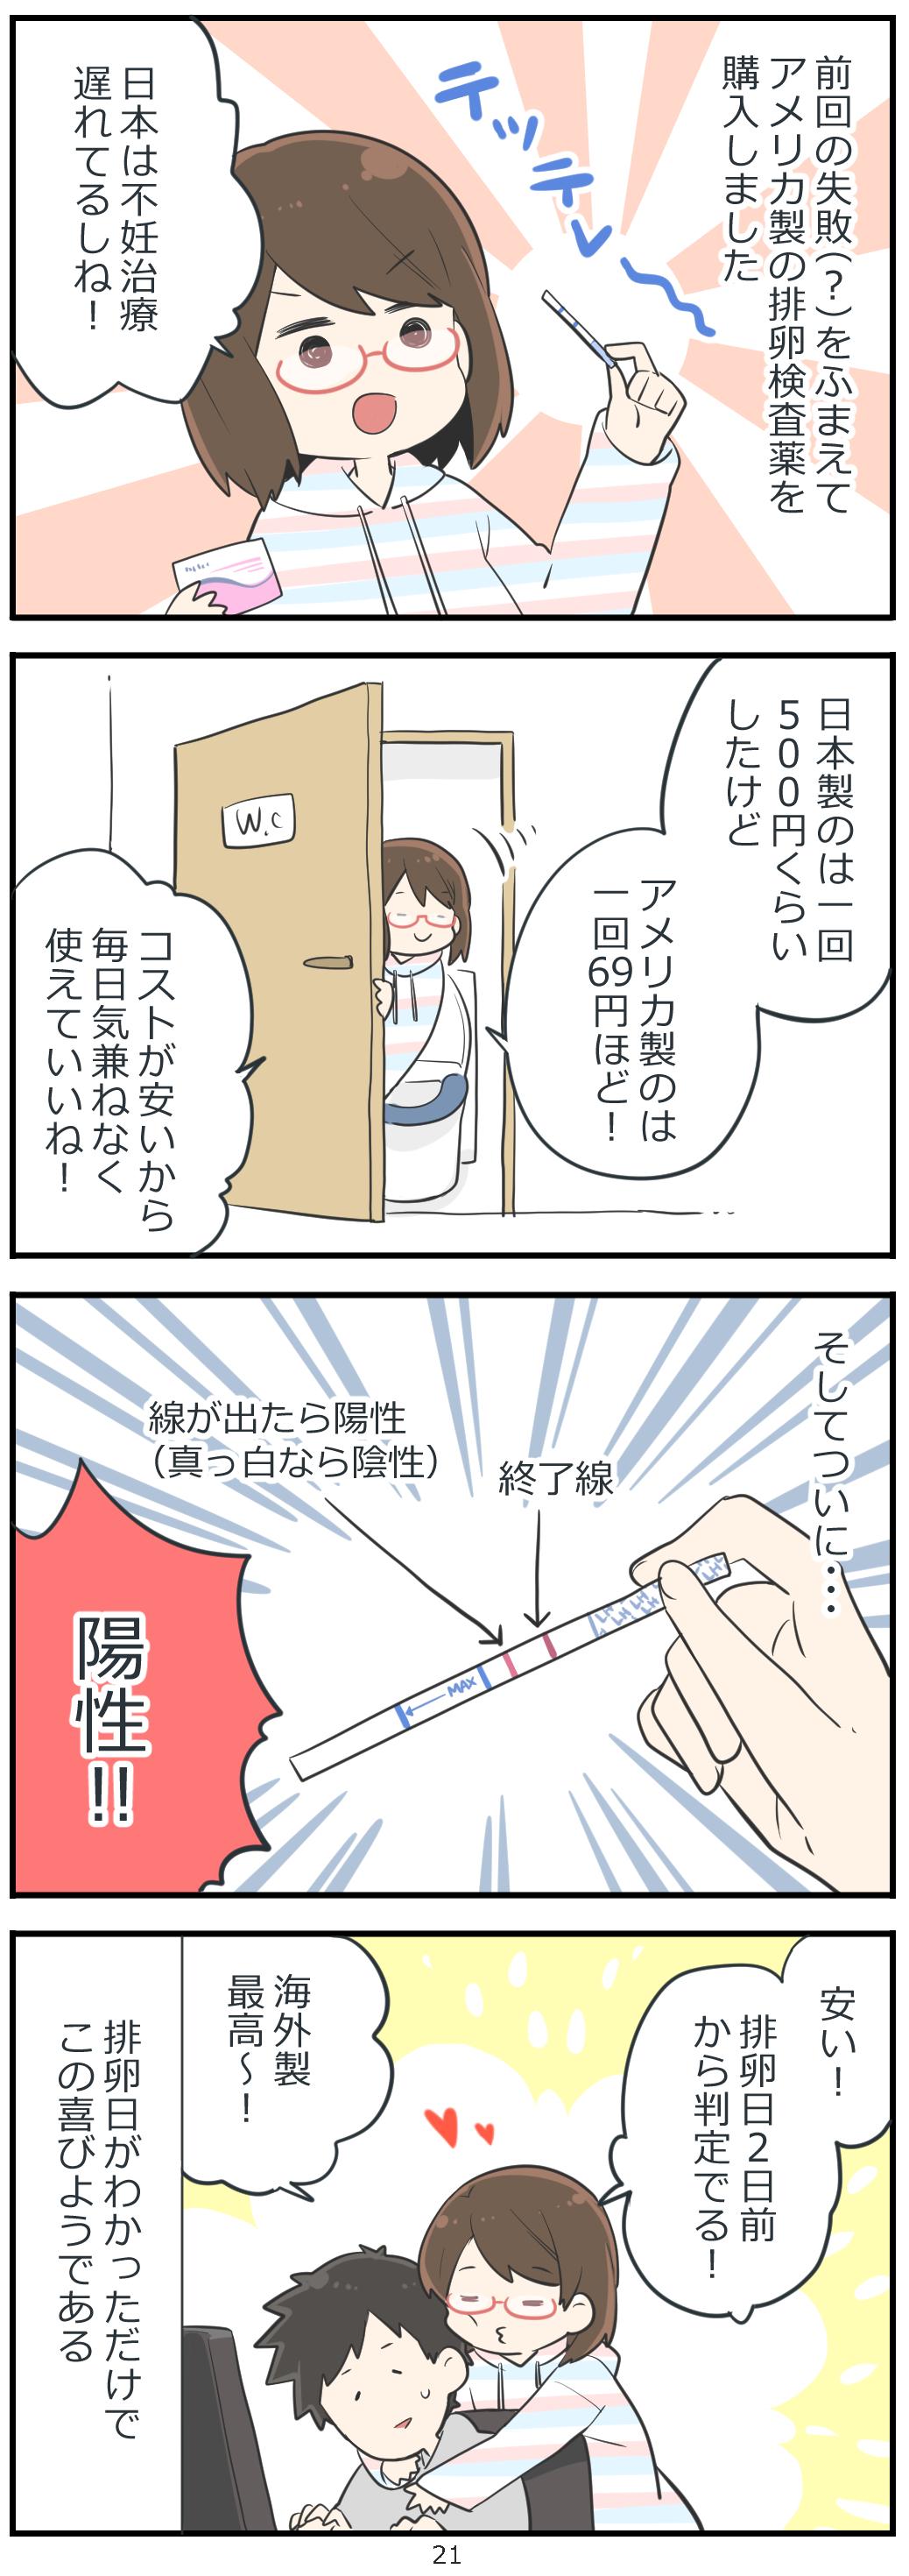 「妊活レベル1 まっふの冒険記」第21話